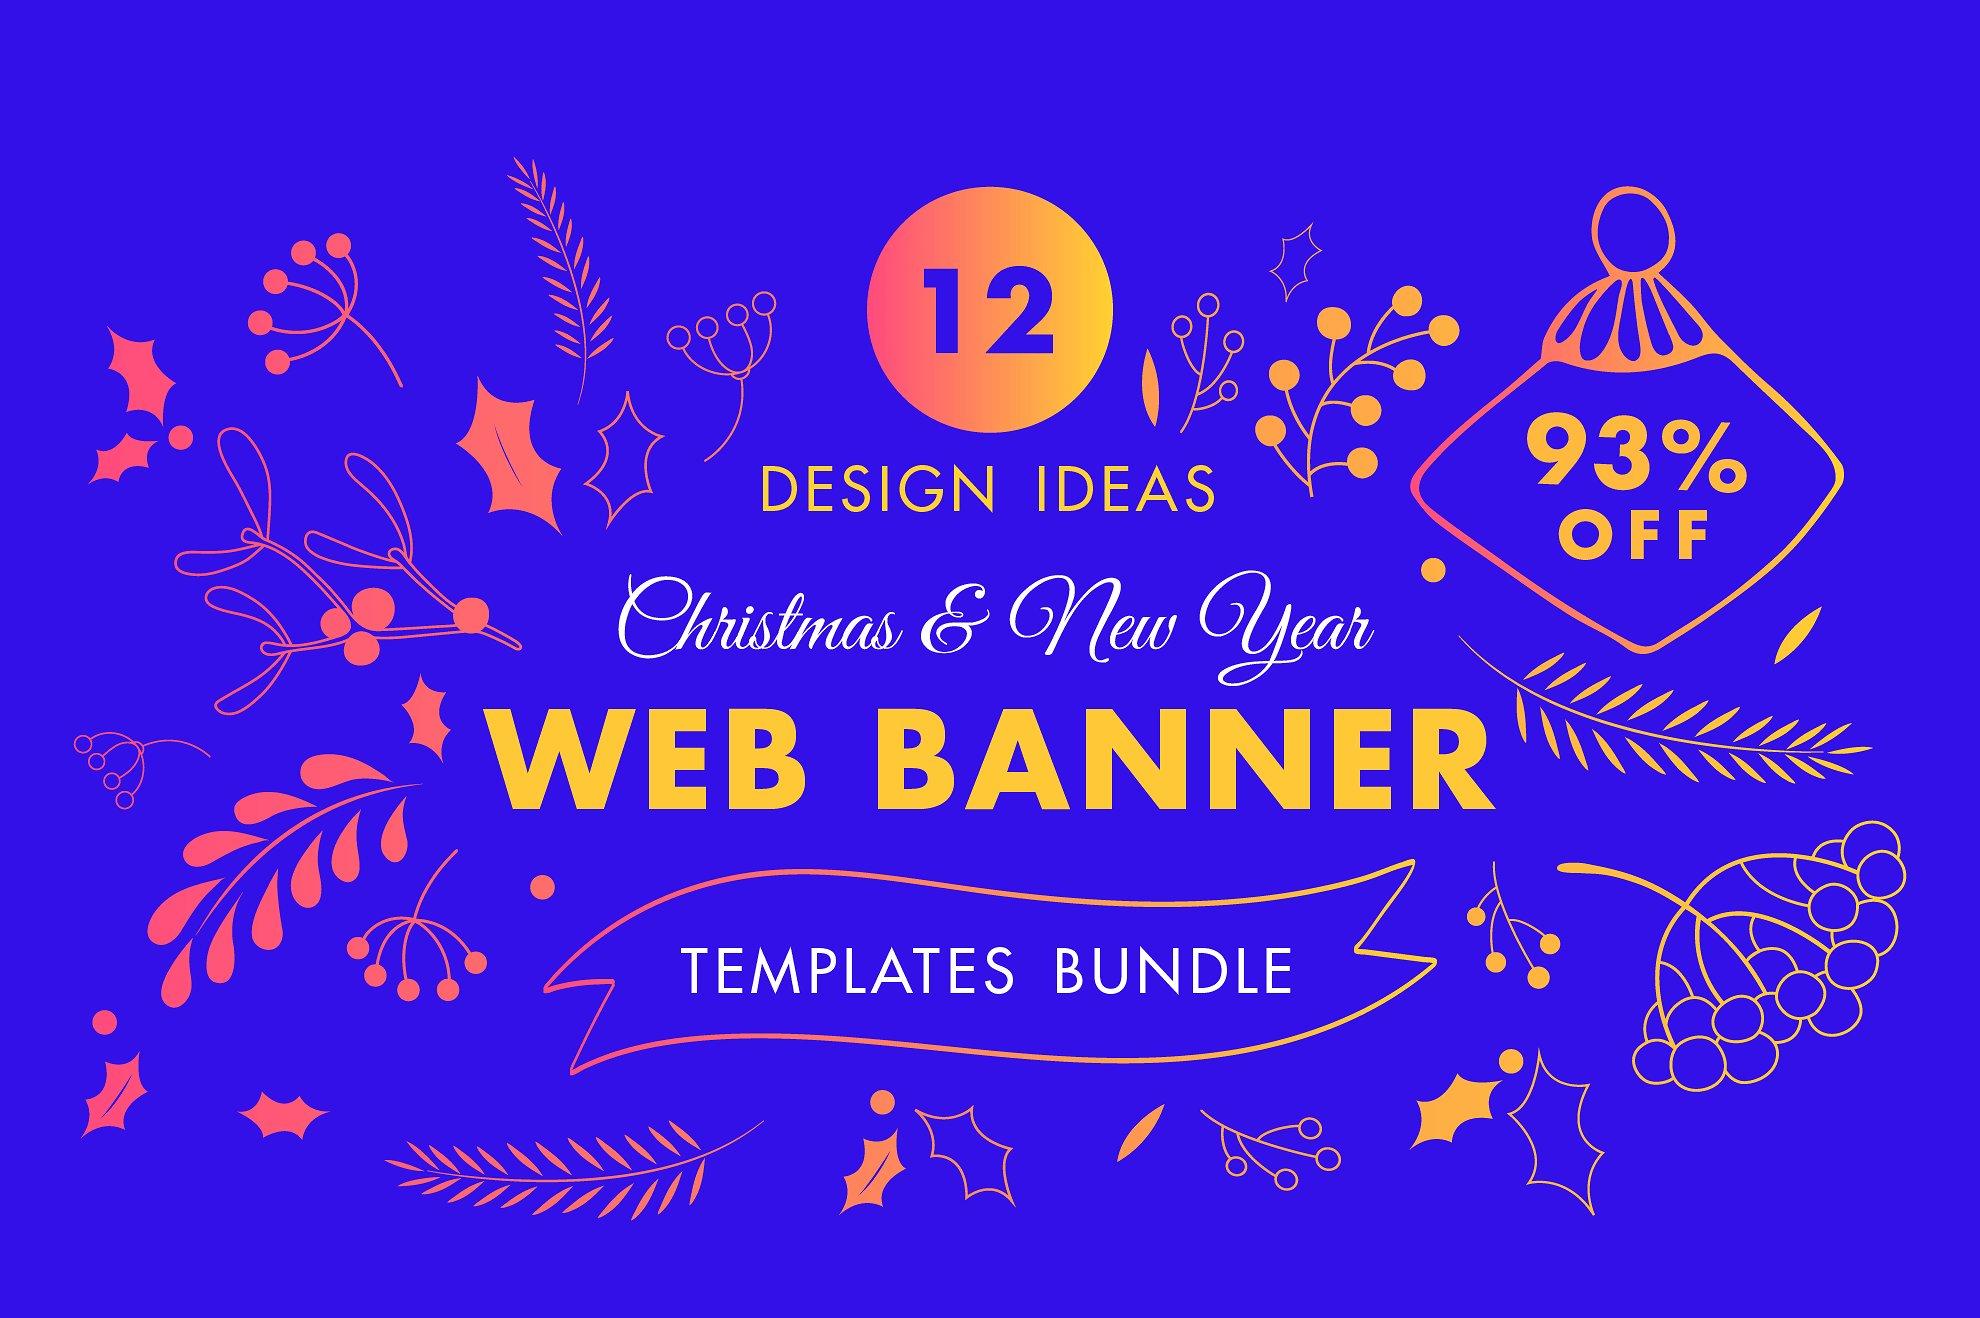 Winter Web Banner Design Templates Bundle Sale